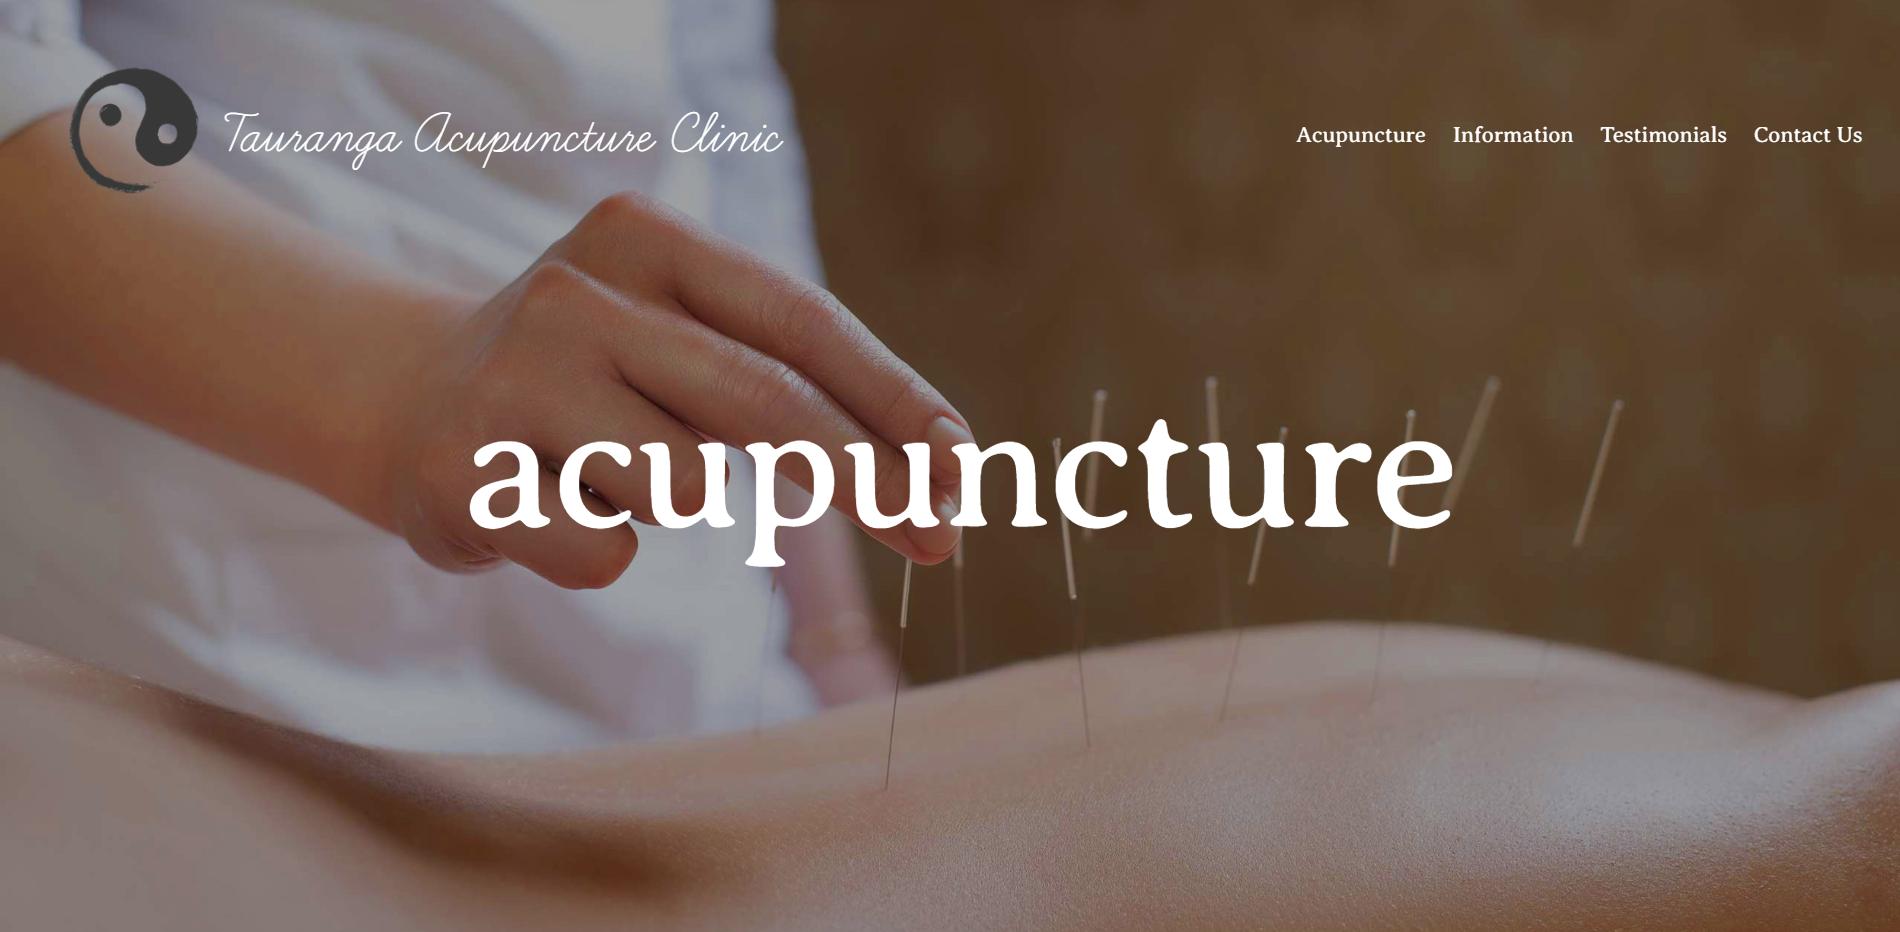 acupuncture portfolio website.PNG